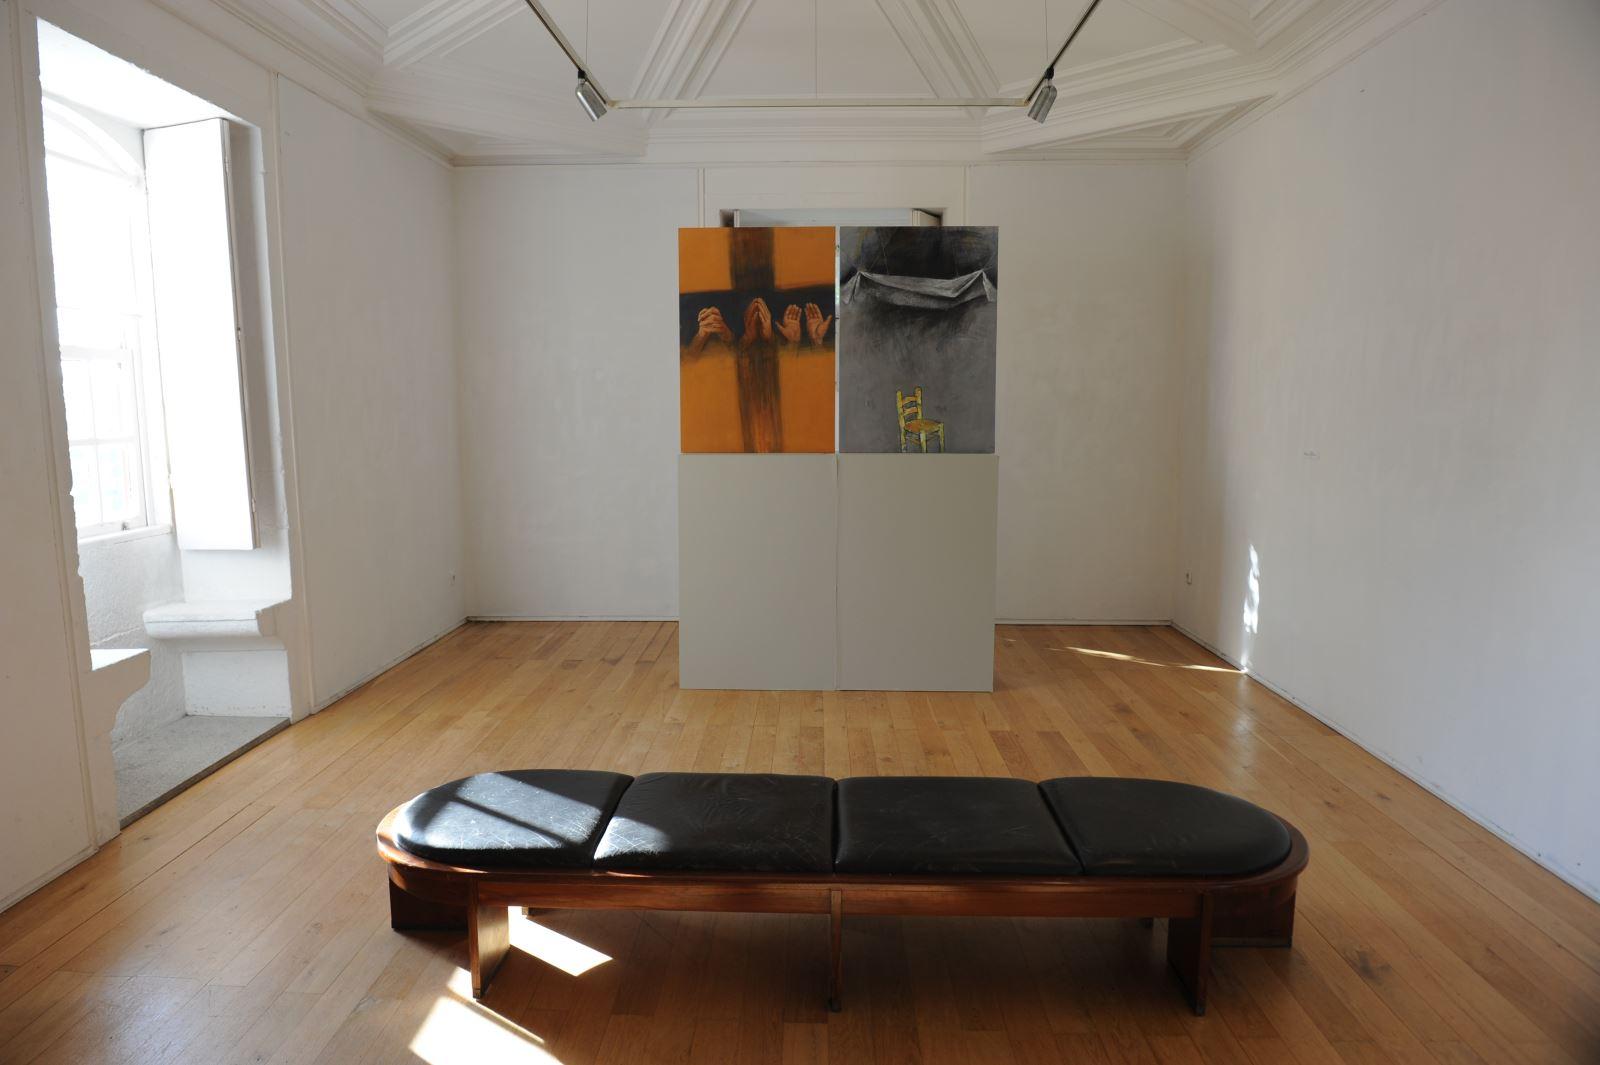 Arte contemporânea | Mais duas obras de misericórdia